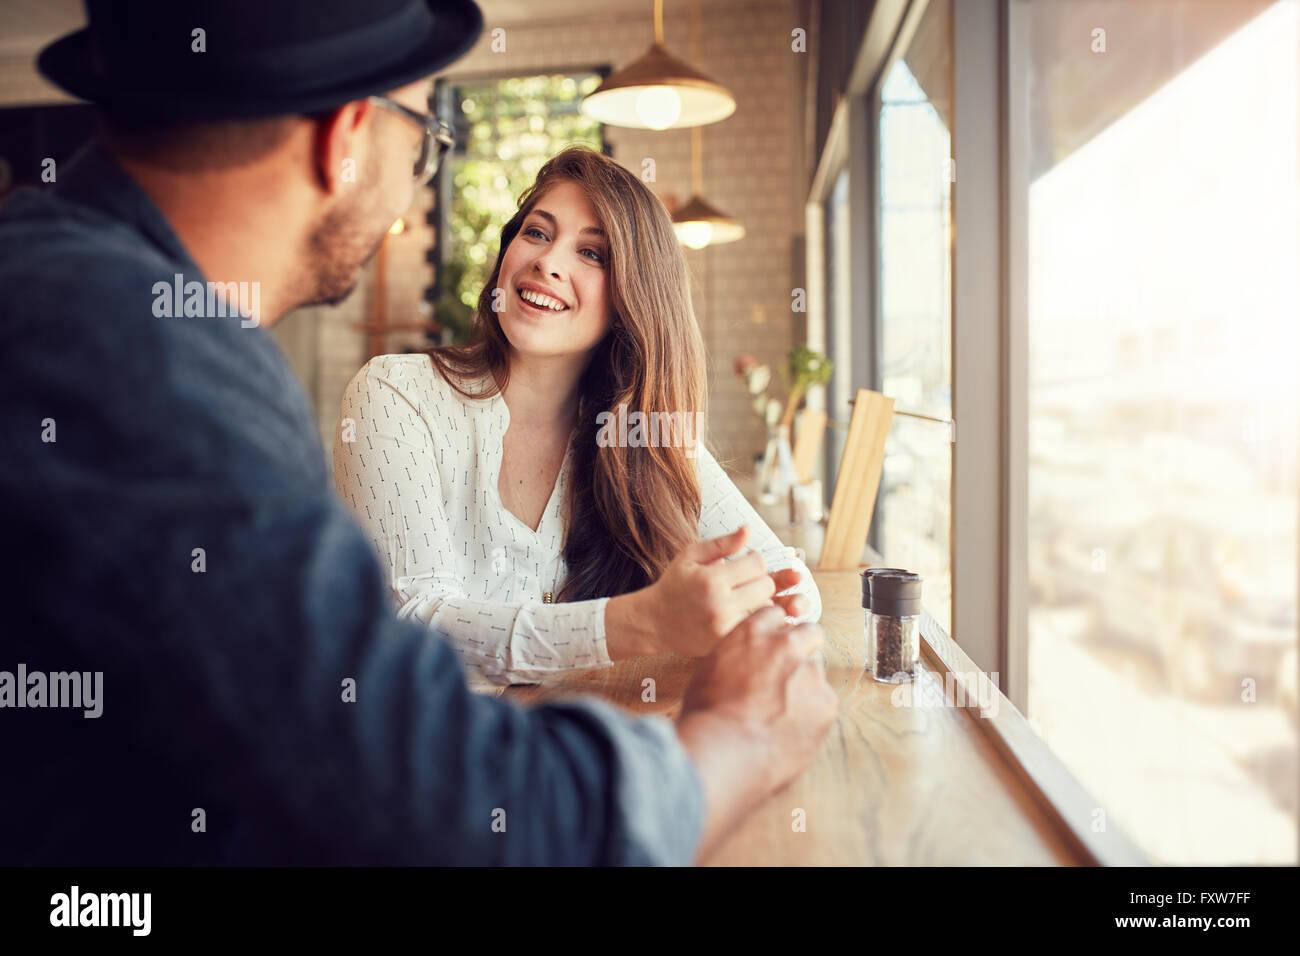 Lächelnde junge Frau in einem Café sitzen und im Gespräch mit ihrem Freund. Junges Paar viel Zeit Stockbild